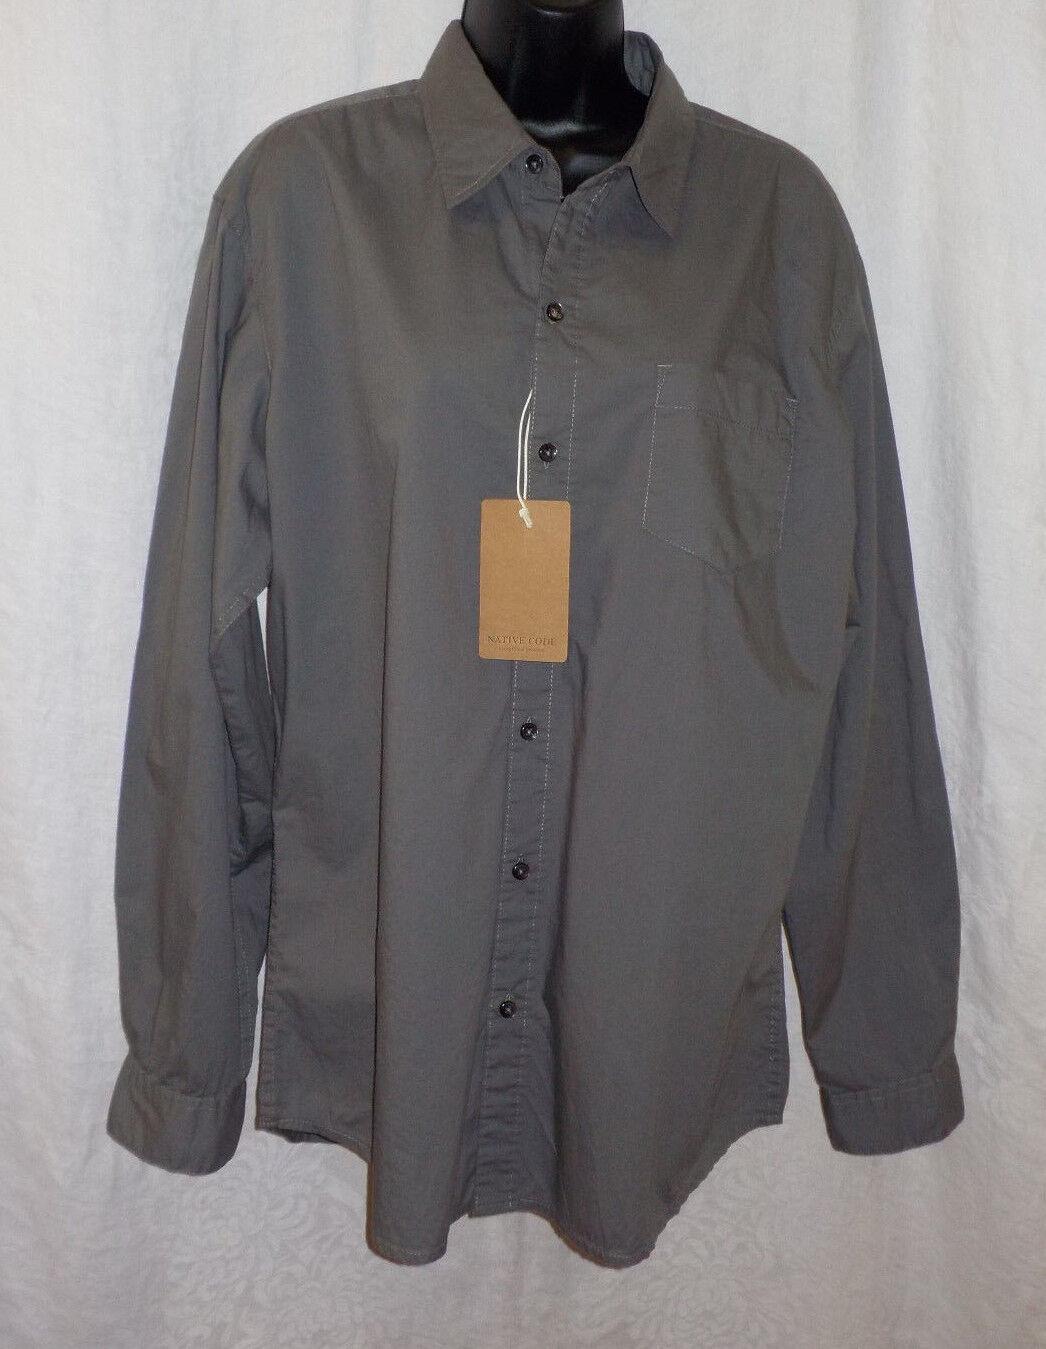 bca26642 Native Code Men Shirt Size XL NWT Grey 100% Cotton Button Long ...